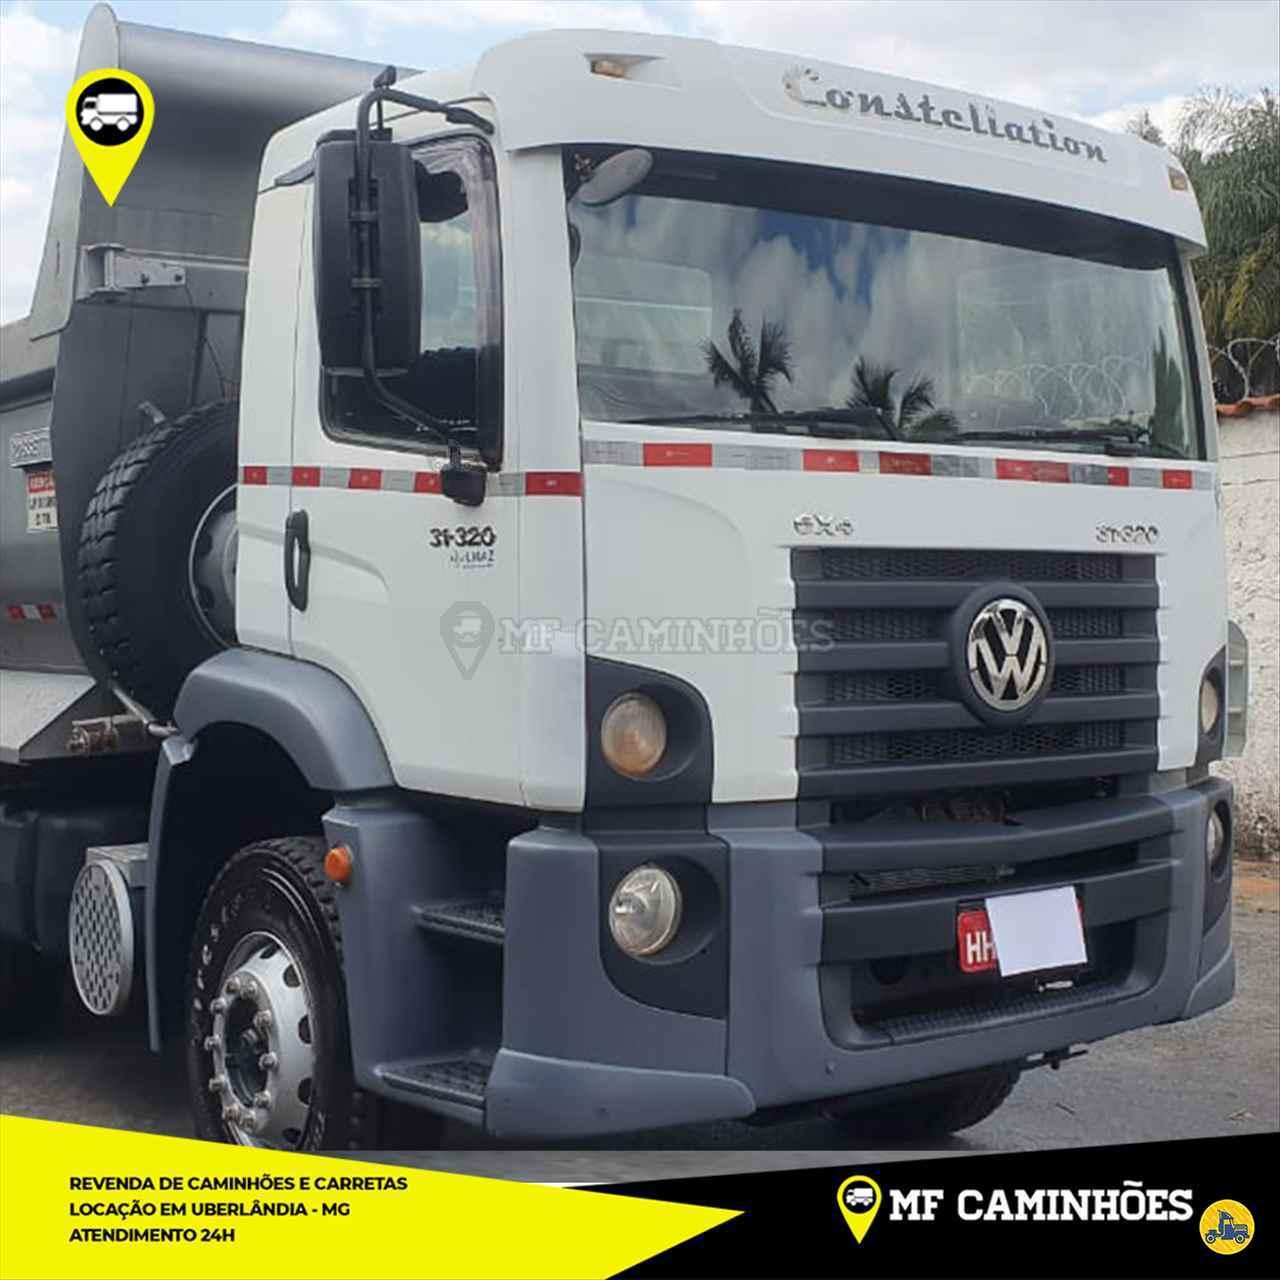 CAMINHAO VOLKSWAGEN VW 31320 Caçamba Basculante 3/4 6x2 MF Caminhões UBERLANDIA MINAS GERAIS MG